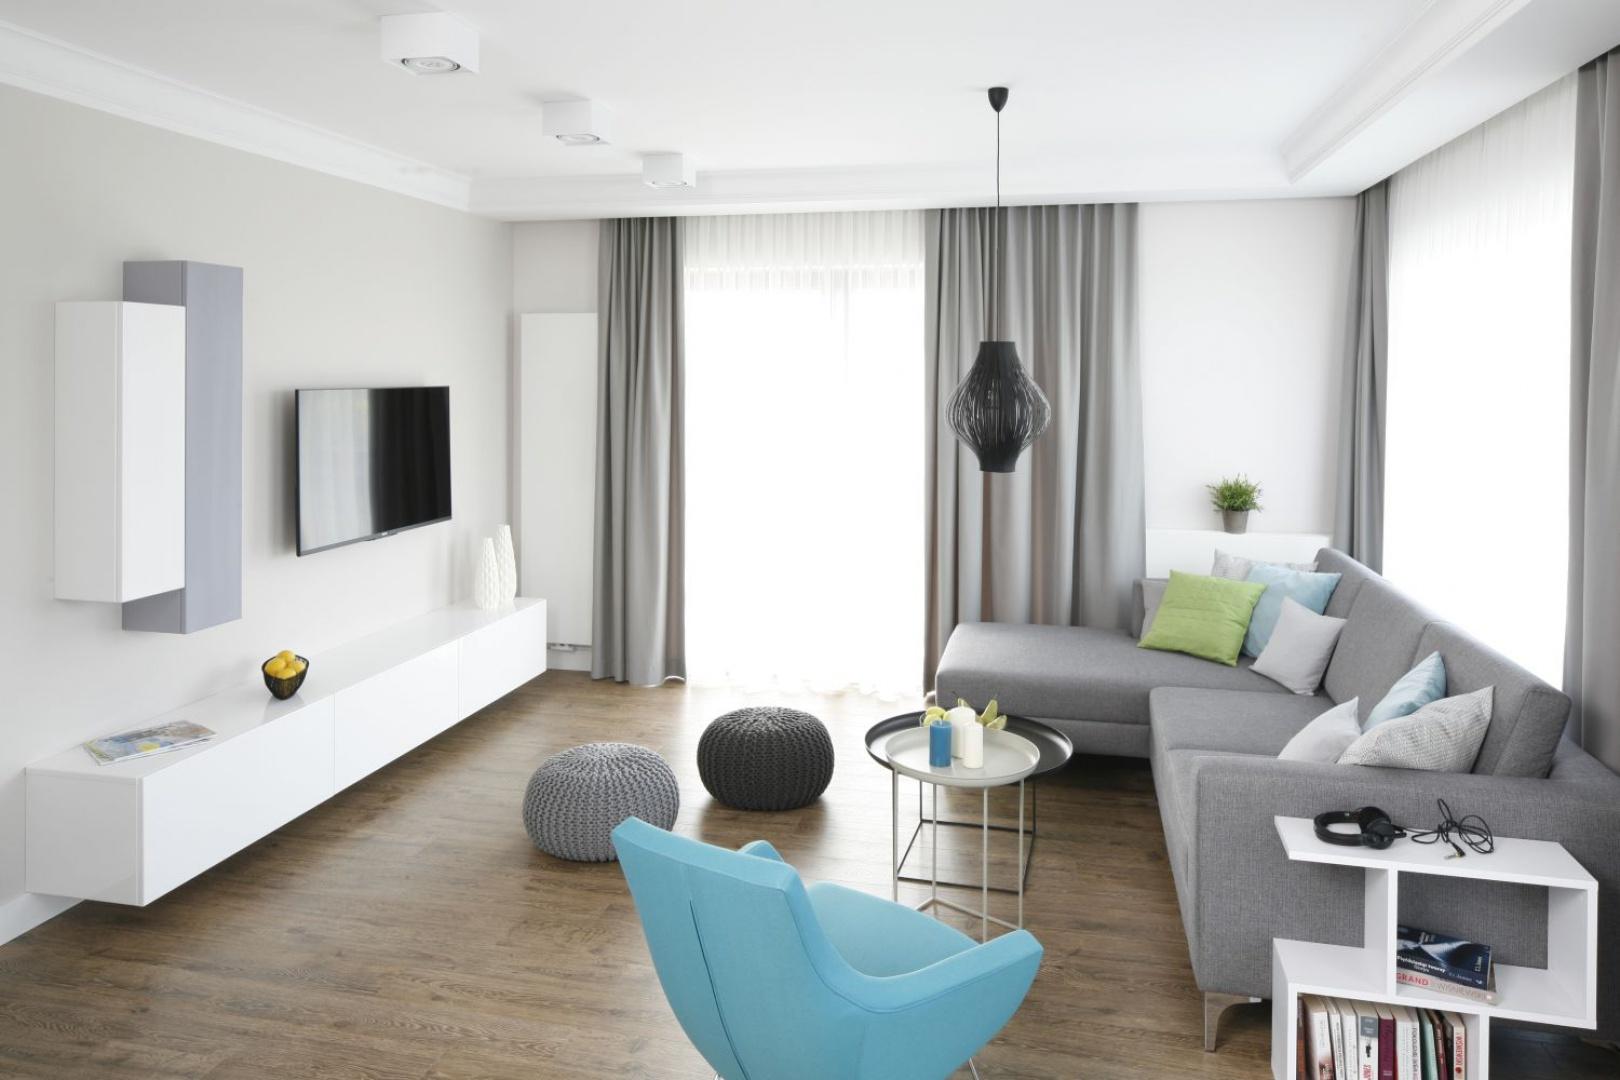 Urządzony nowocześnie salon jest jasny i przestronny. Proste formy mebli w efektowny sposób połączono z przytulnymi kolorami i fakturami materiałów.  Projekt: Małgorzata Galewska. Fot. Bartosz Jarosz.